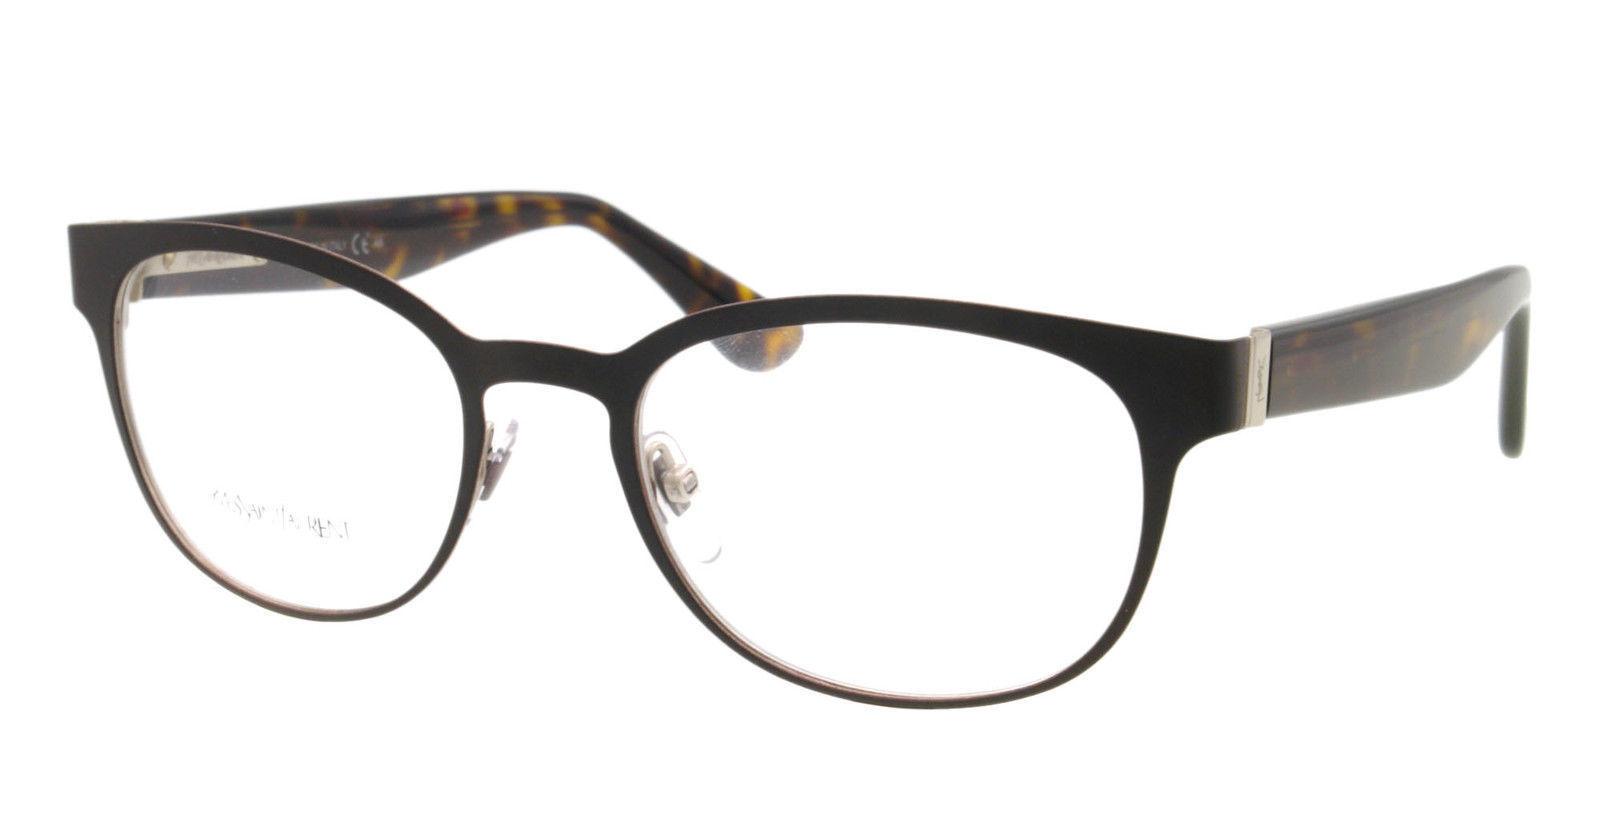 Ysl Glasses Frames : NEW Yves Saint Laurent Eyeglasses YSL 2356 Havana 7H5 ...